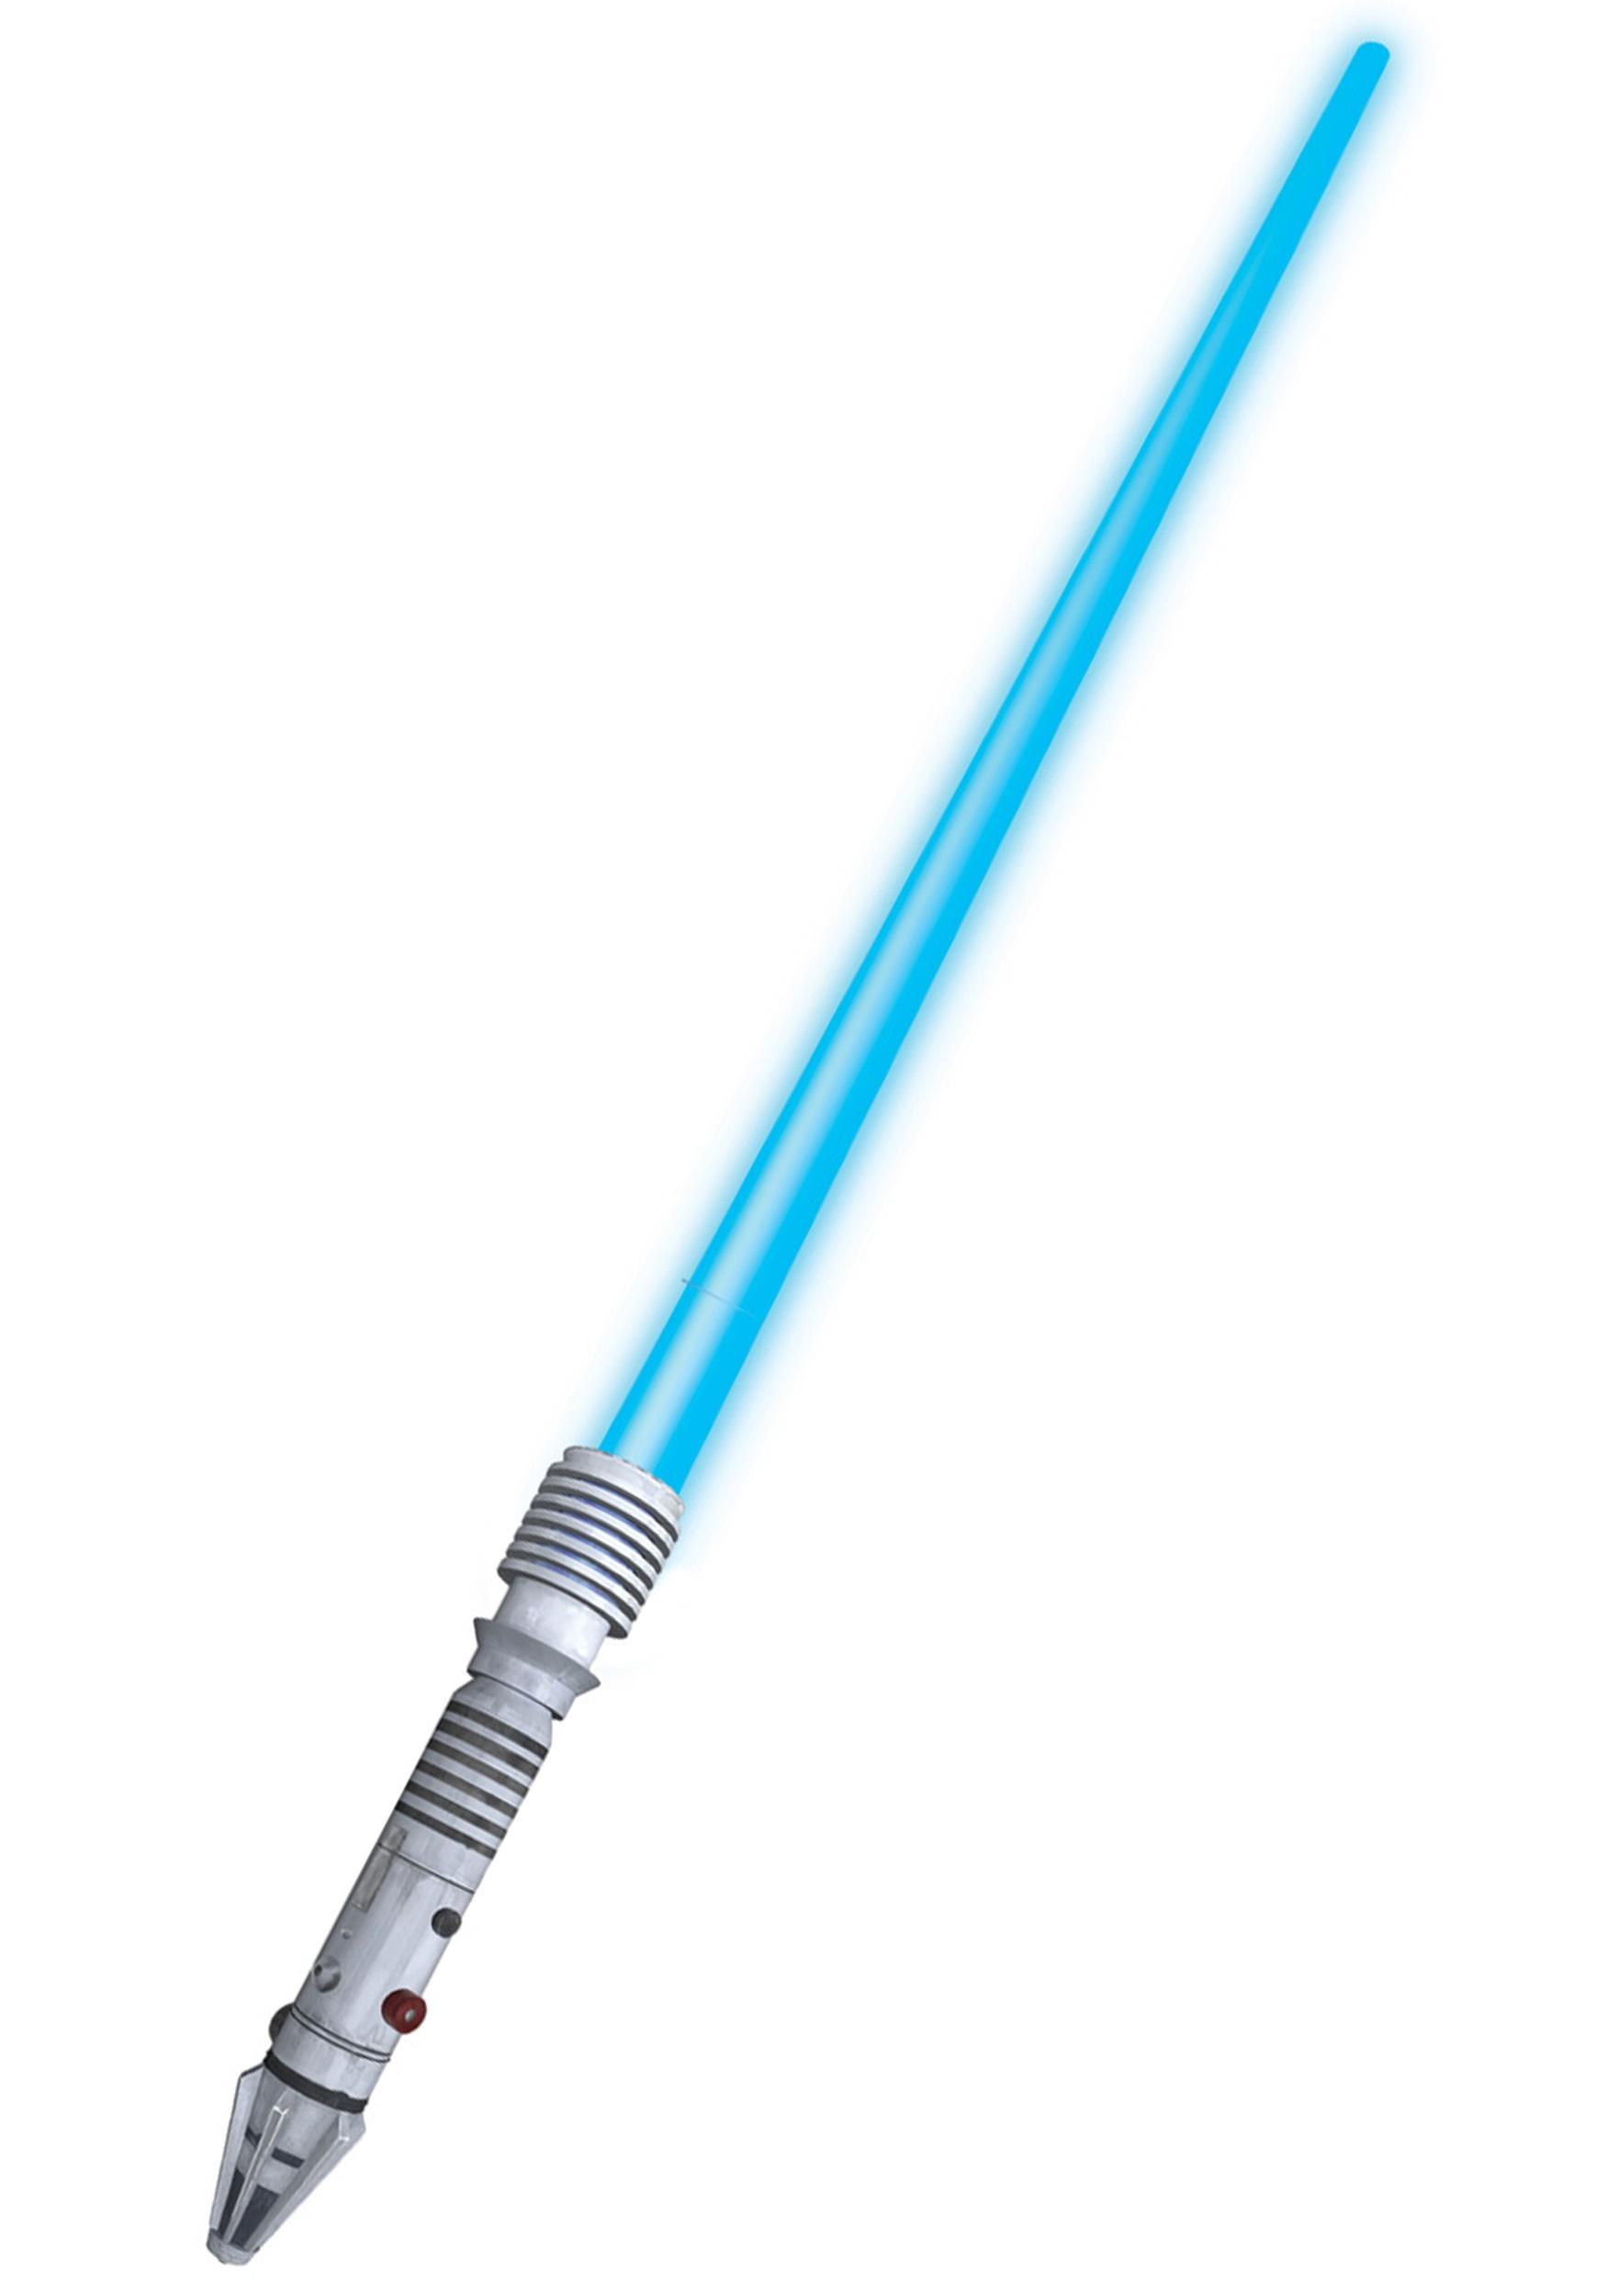 Lightsaber Wallpaper Clip Art Star Wars Plo Koon Lightsaber 1750x2500 Download Hd Wallpaper Wallpapertip